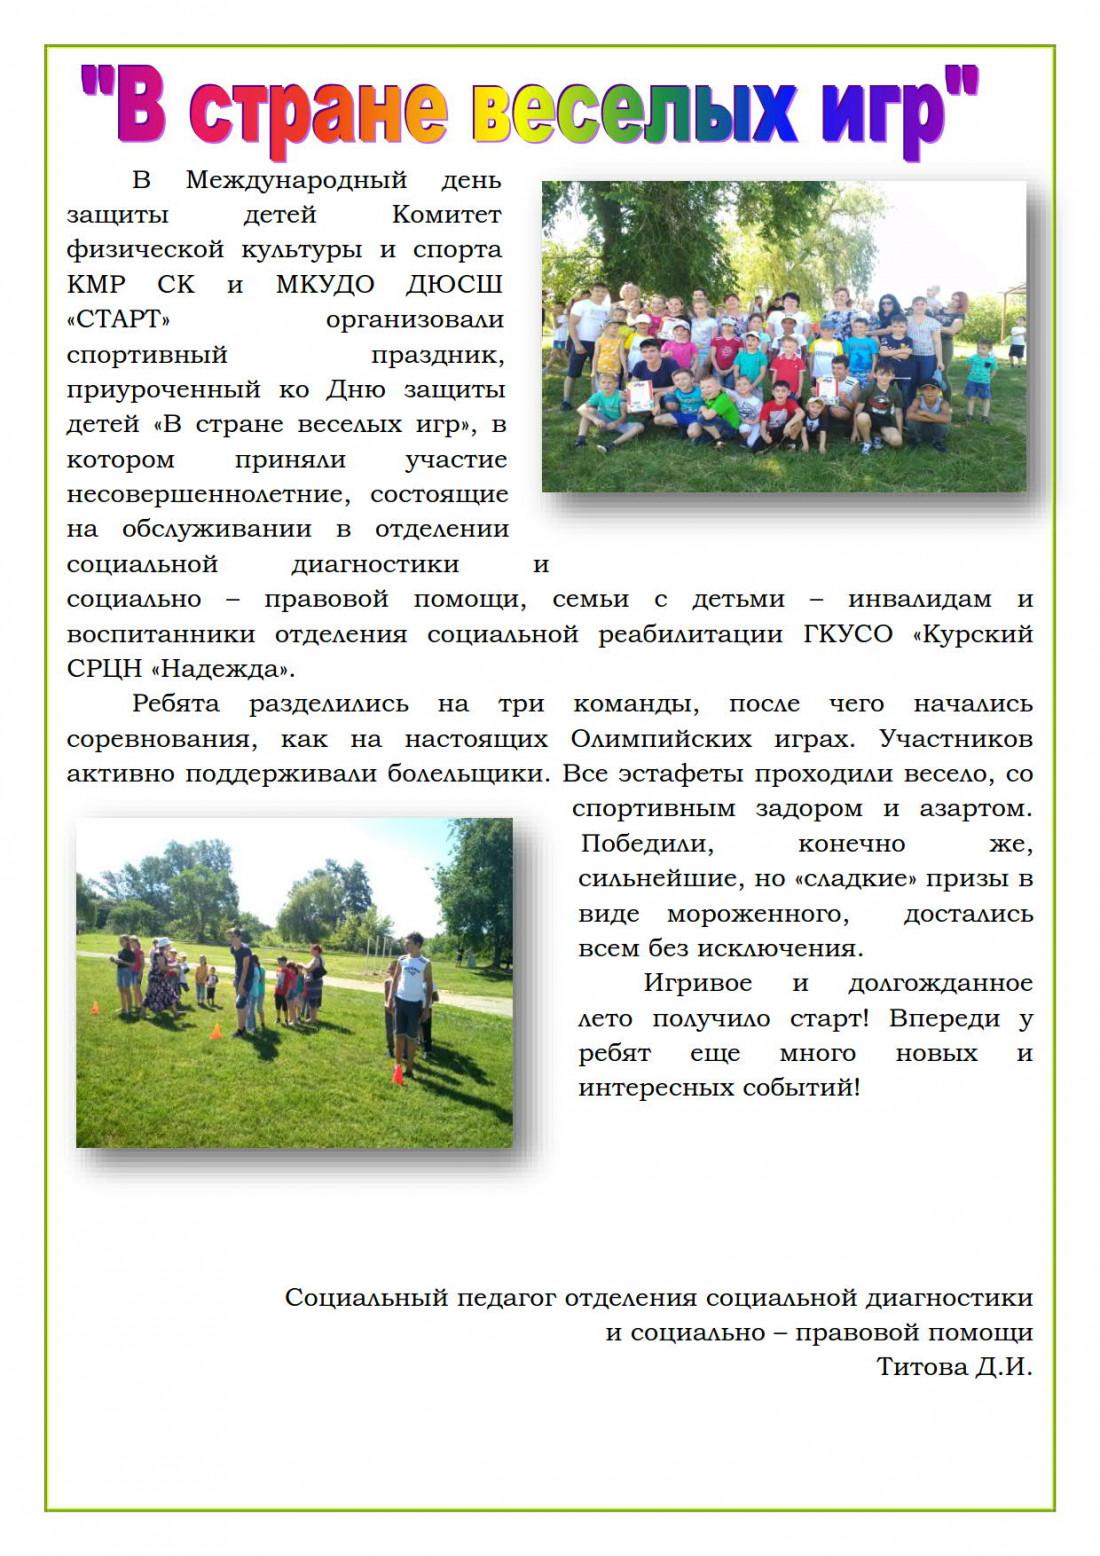 В стране веселых игр.docx_1